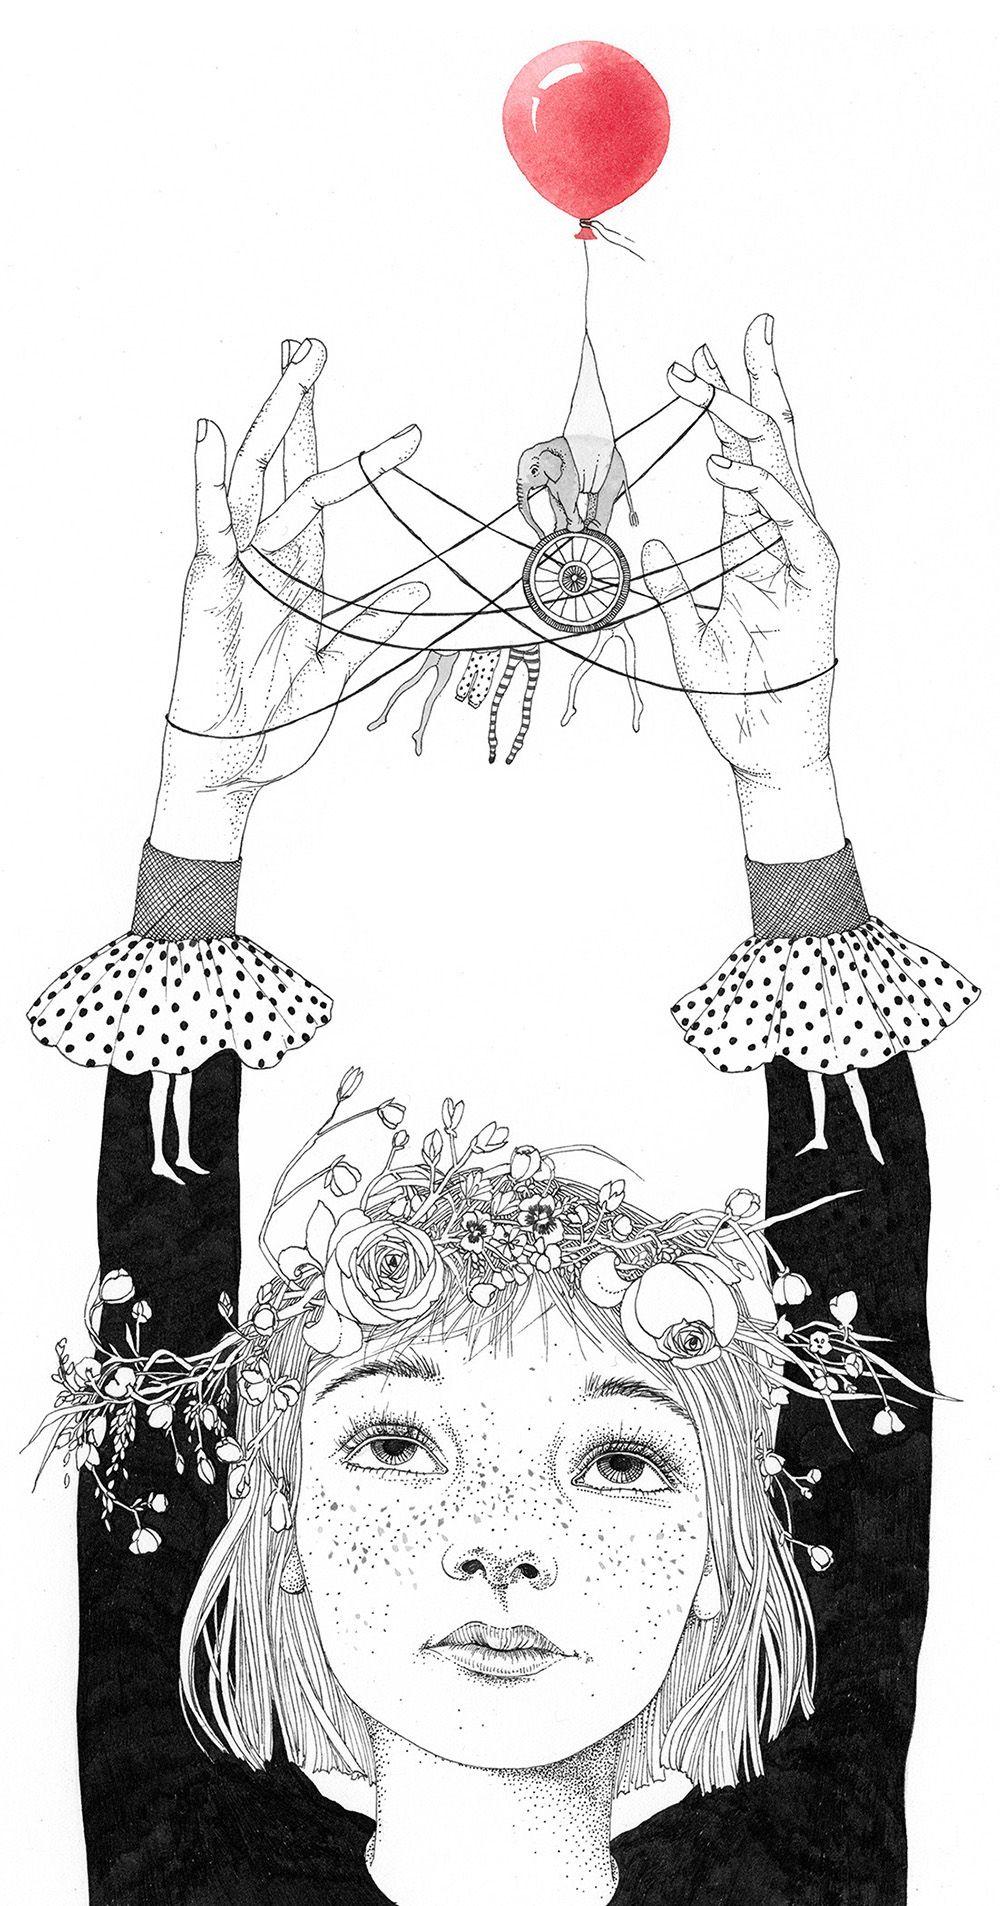 Прекрасное детство советских времен - иллюстраций Светы Дорошевой, она живет в Израиле. Все интересное в искусстве и не только.